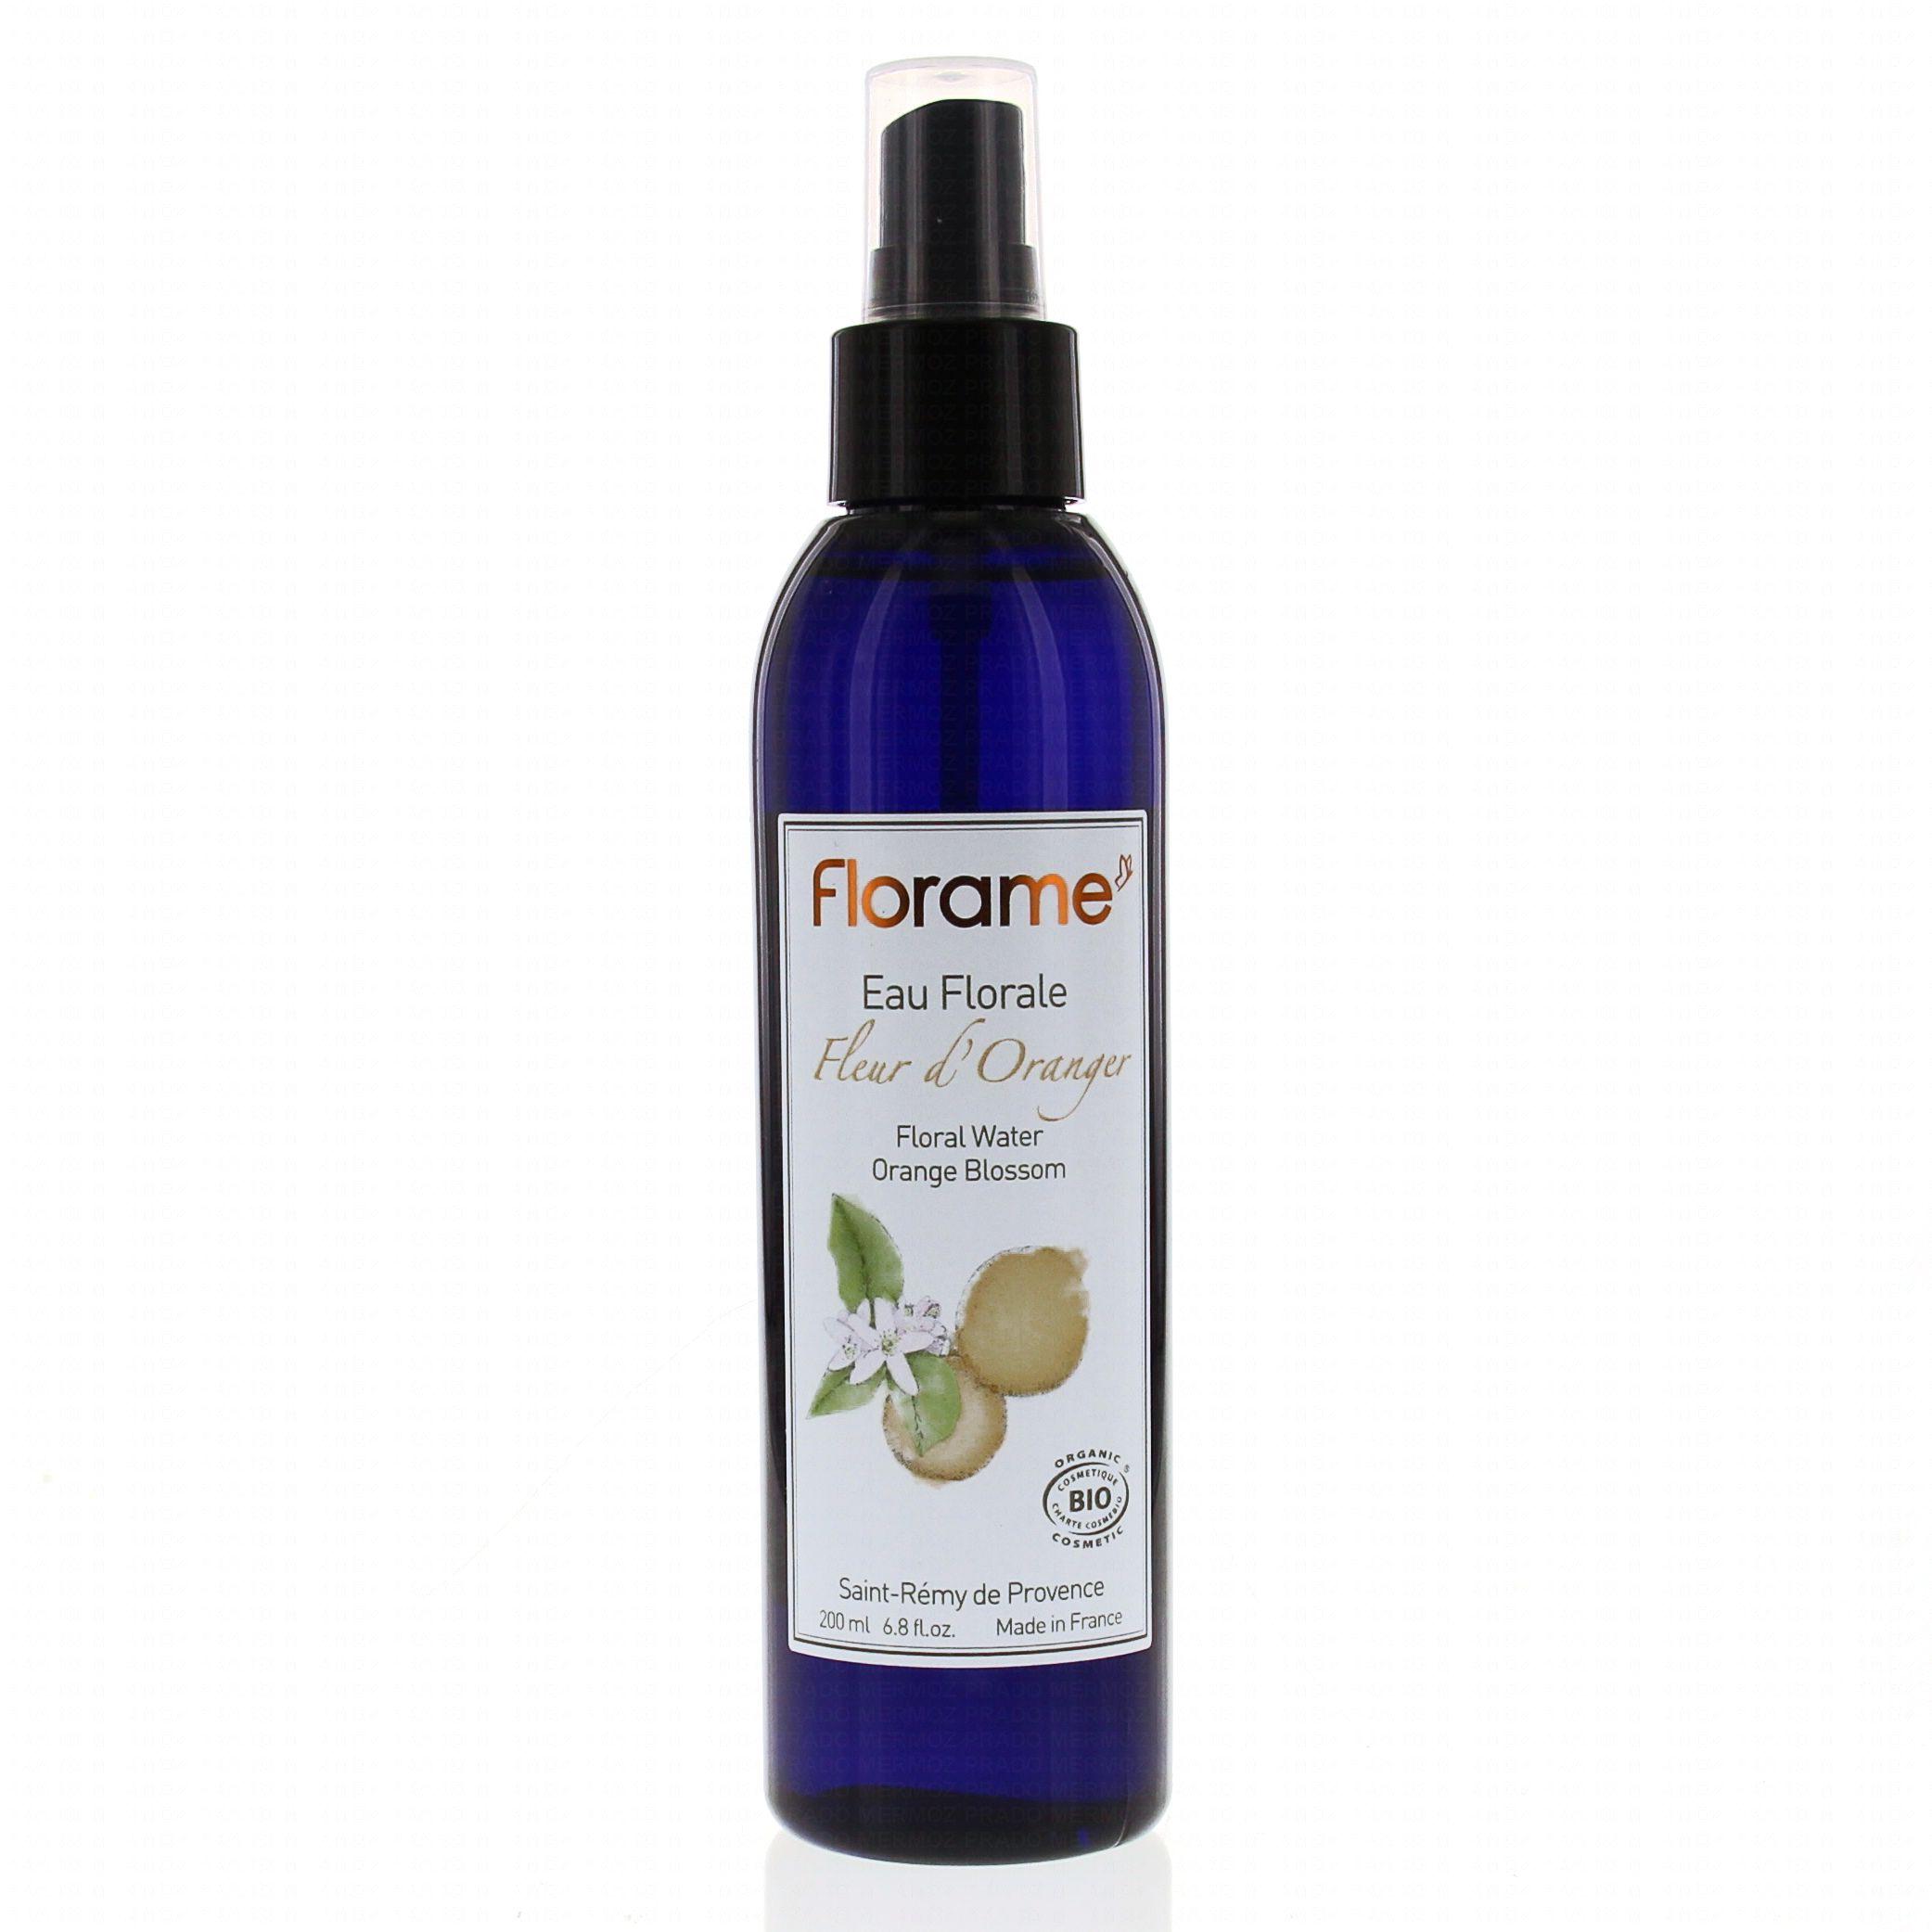 Florame Eau Florale De Fleur D Oranger Bio Flacon Spray 200ml